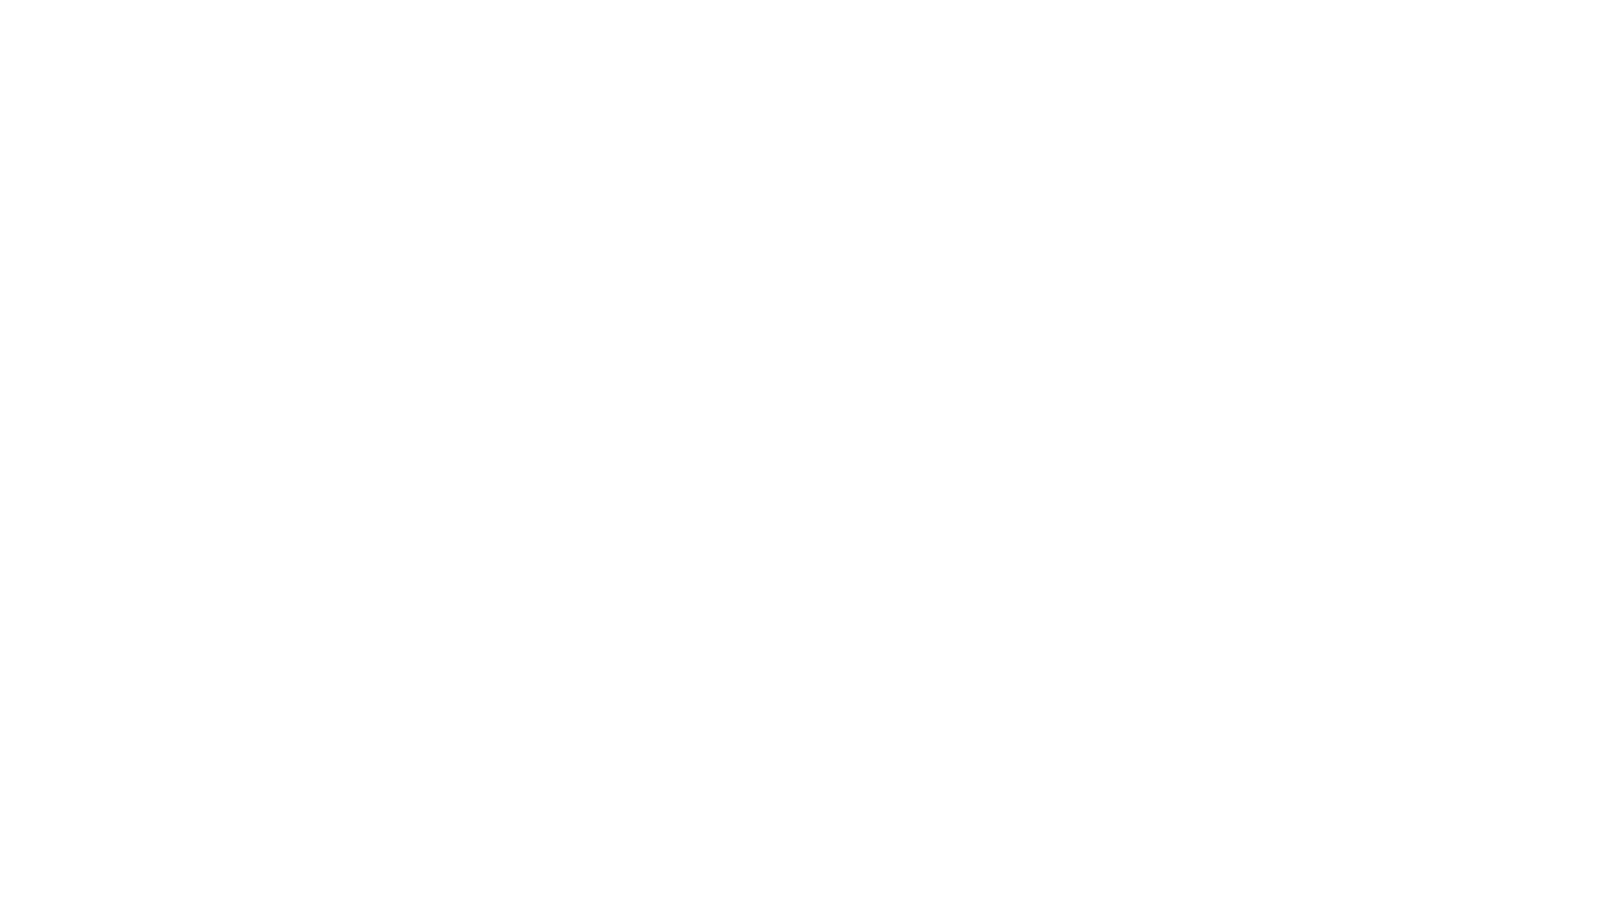 """La mostra dedicata a Giorgio Strehler rappresenta un ulteriore tassello nel progetto che l'Amministrazione provinciale ha deciso di appoggiare per rendere omaggio a un personaggio assoluto protagonista della storia del teatro e della cultura del nostro Paese.  Il consigliere delegato alla Cultura Ivan De Grandis fa questa premessa nel presentare la mostra """"Il giovane Strehler –  Da Novara al Piccolo Teatro di Milano"""" a cura della Pro Loco di Novara che sarà inaugurata e visitabile nel quadriportico di palazzo Natta dalle 17 del 7 giugno."""